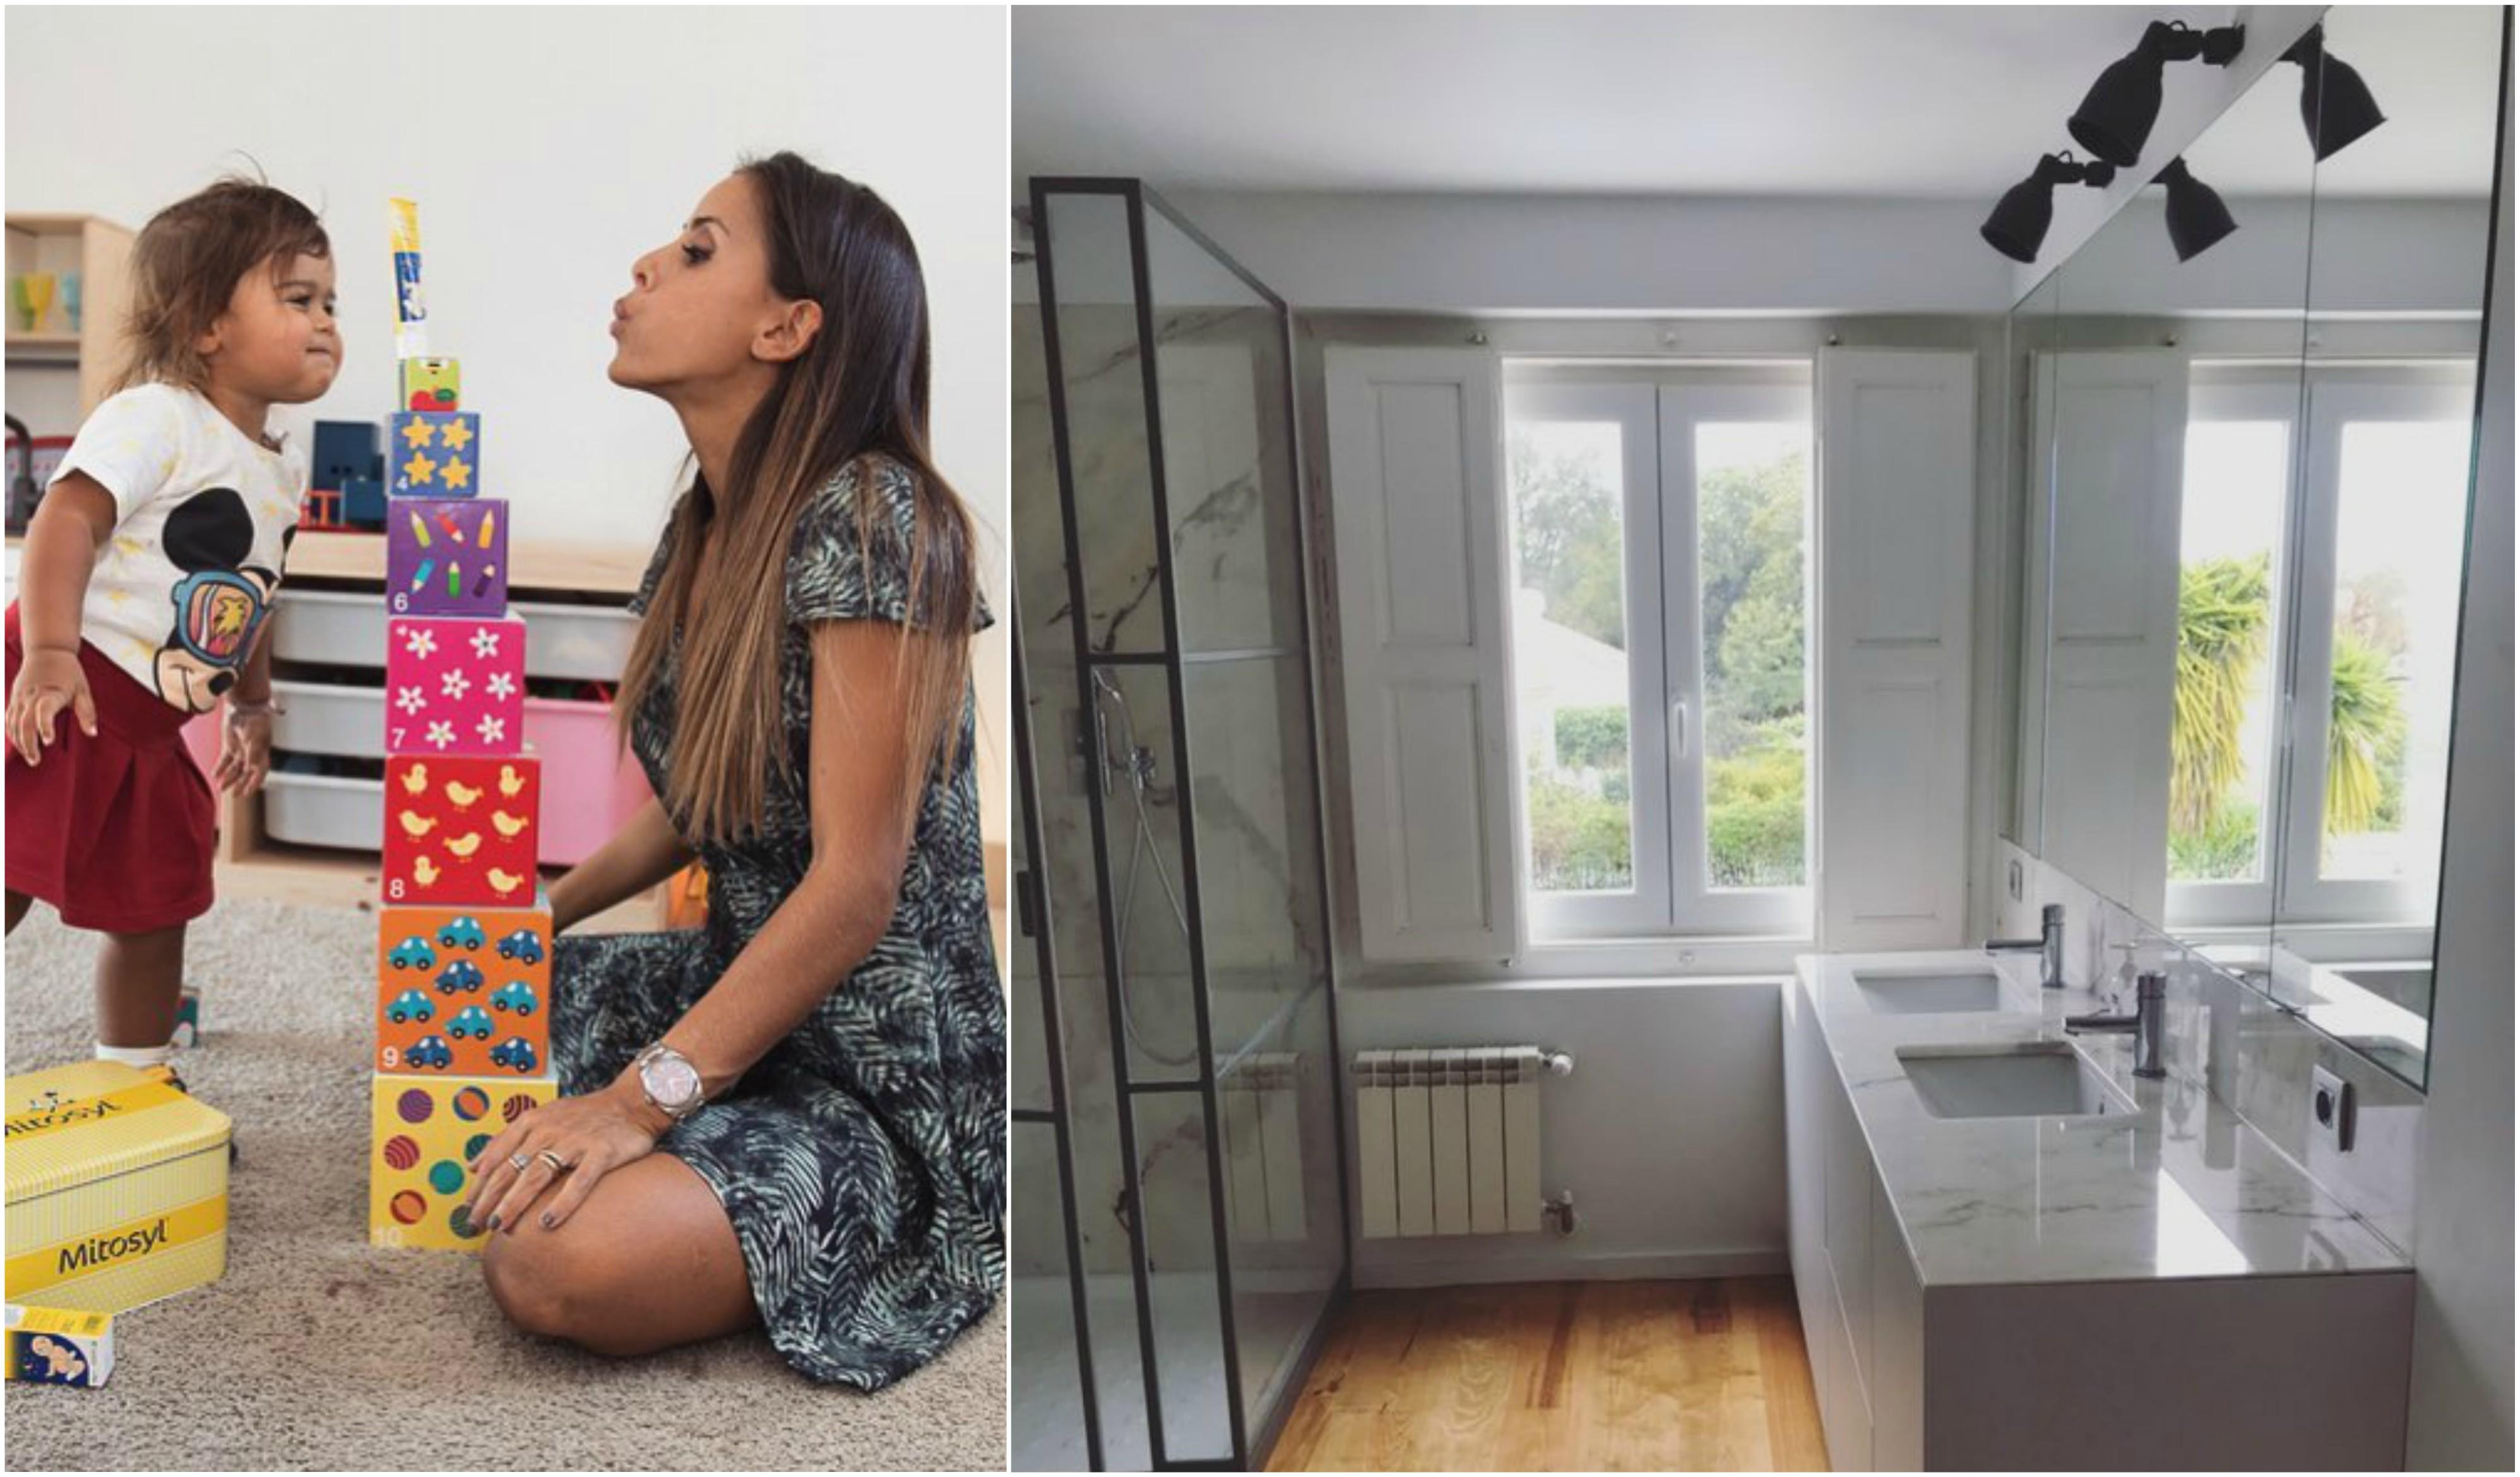 Carolina patroc nio mostra novo lar antes da chegada do for E casa com